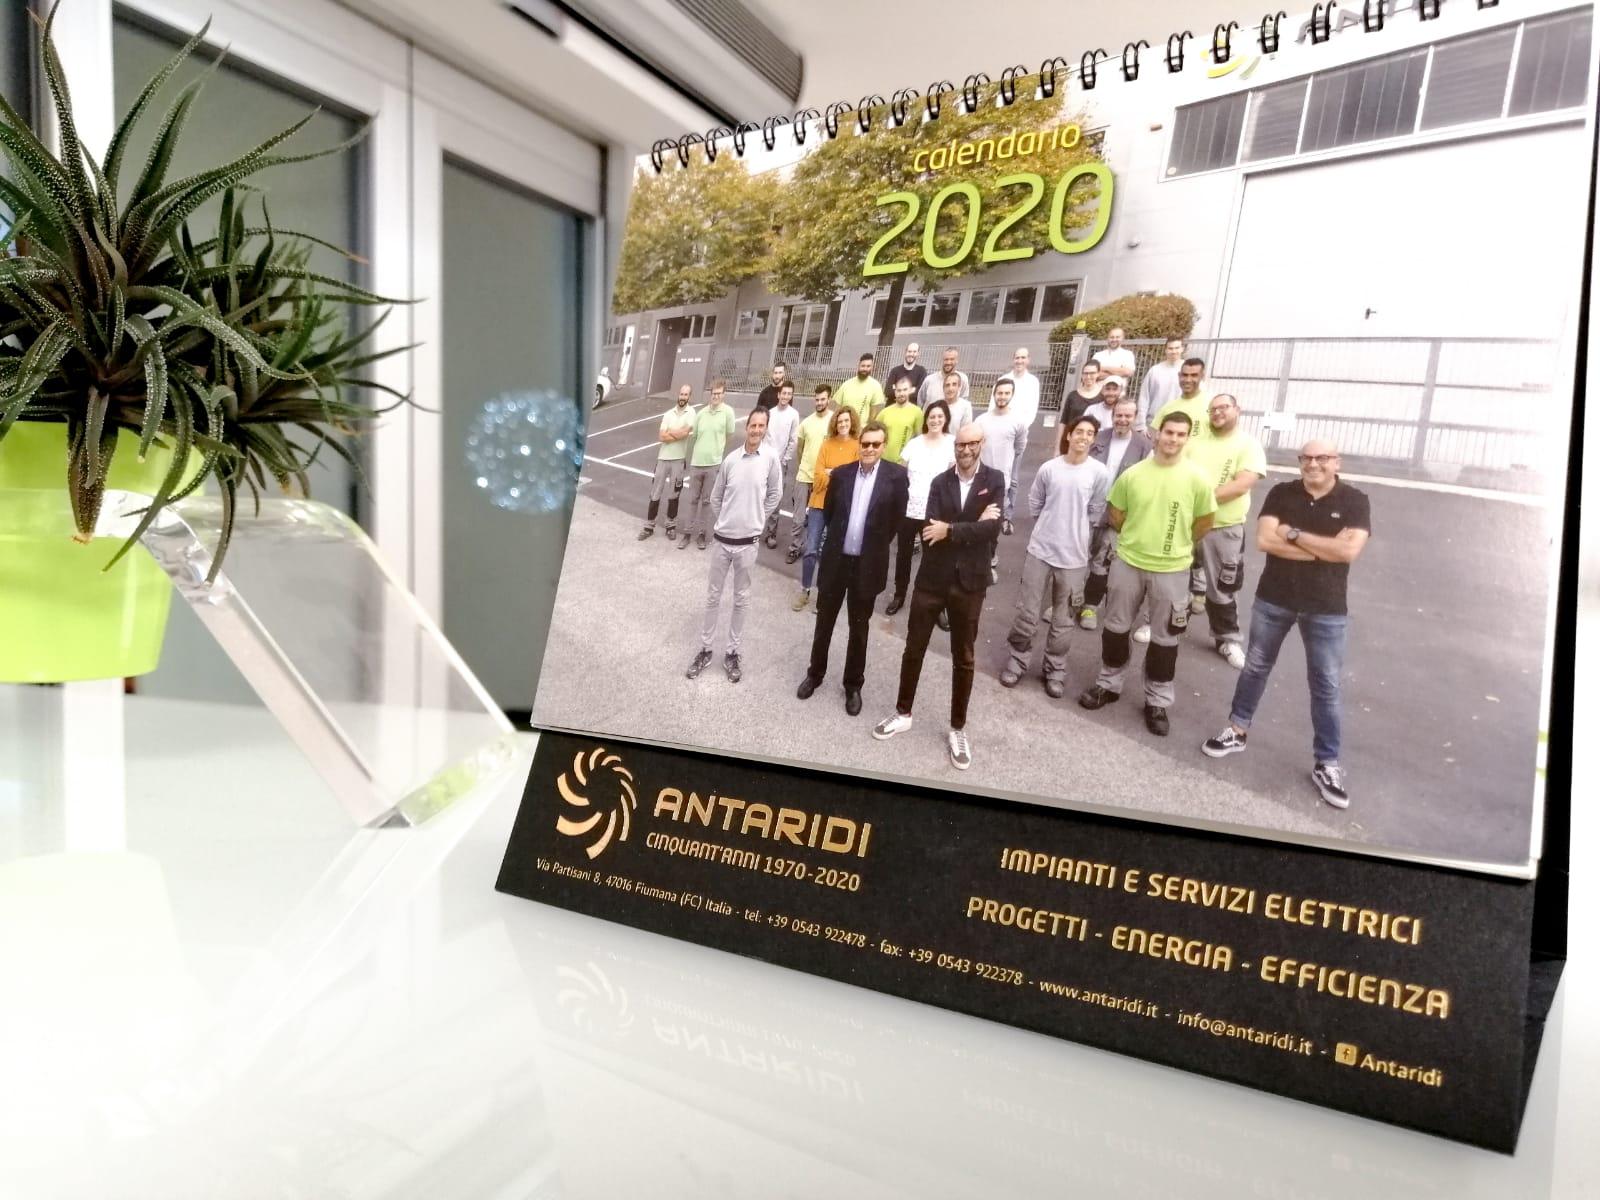 calendario-2020-antaridi